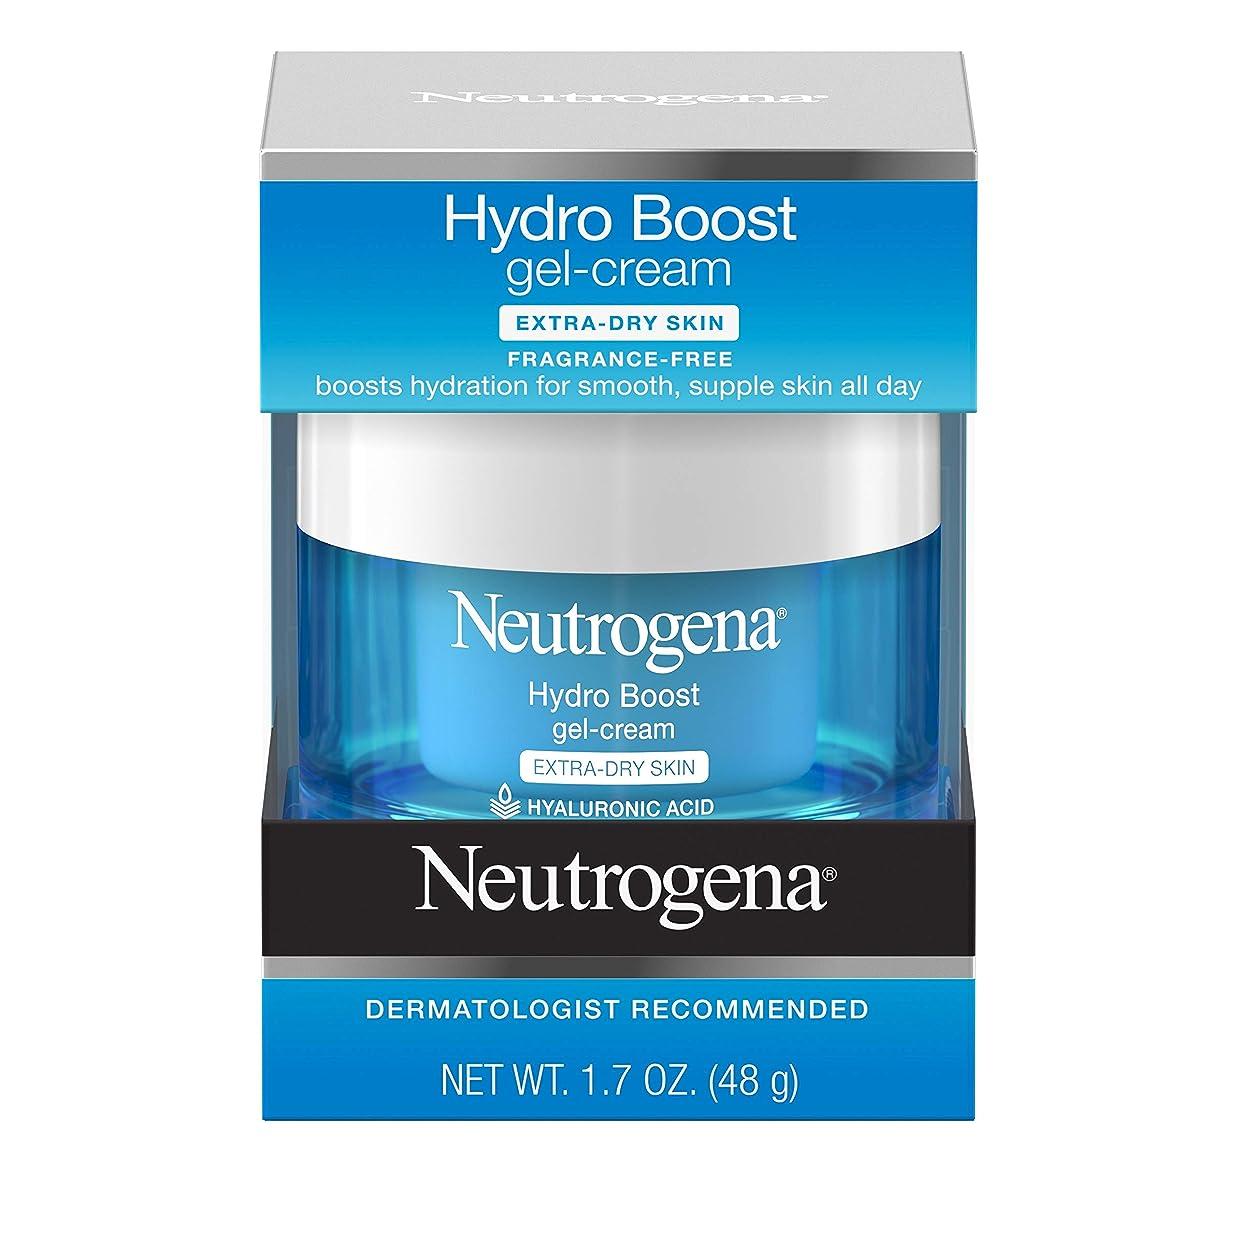 浅いポンペイ真鍮Neutrogena Hydro Boost Gel Cream, Extra Dry Skin, 1.7 Ounce  海外直送品?並行輸入品